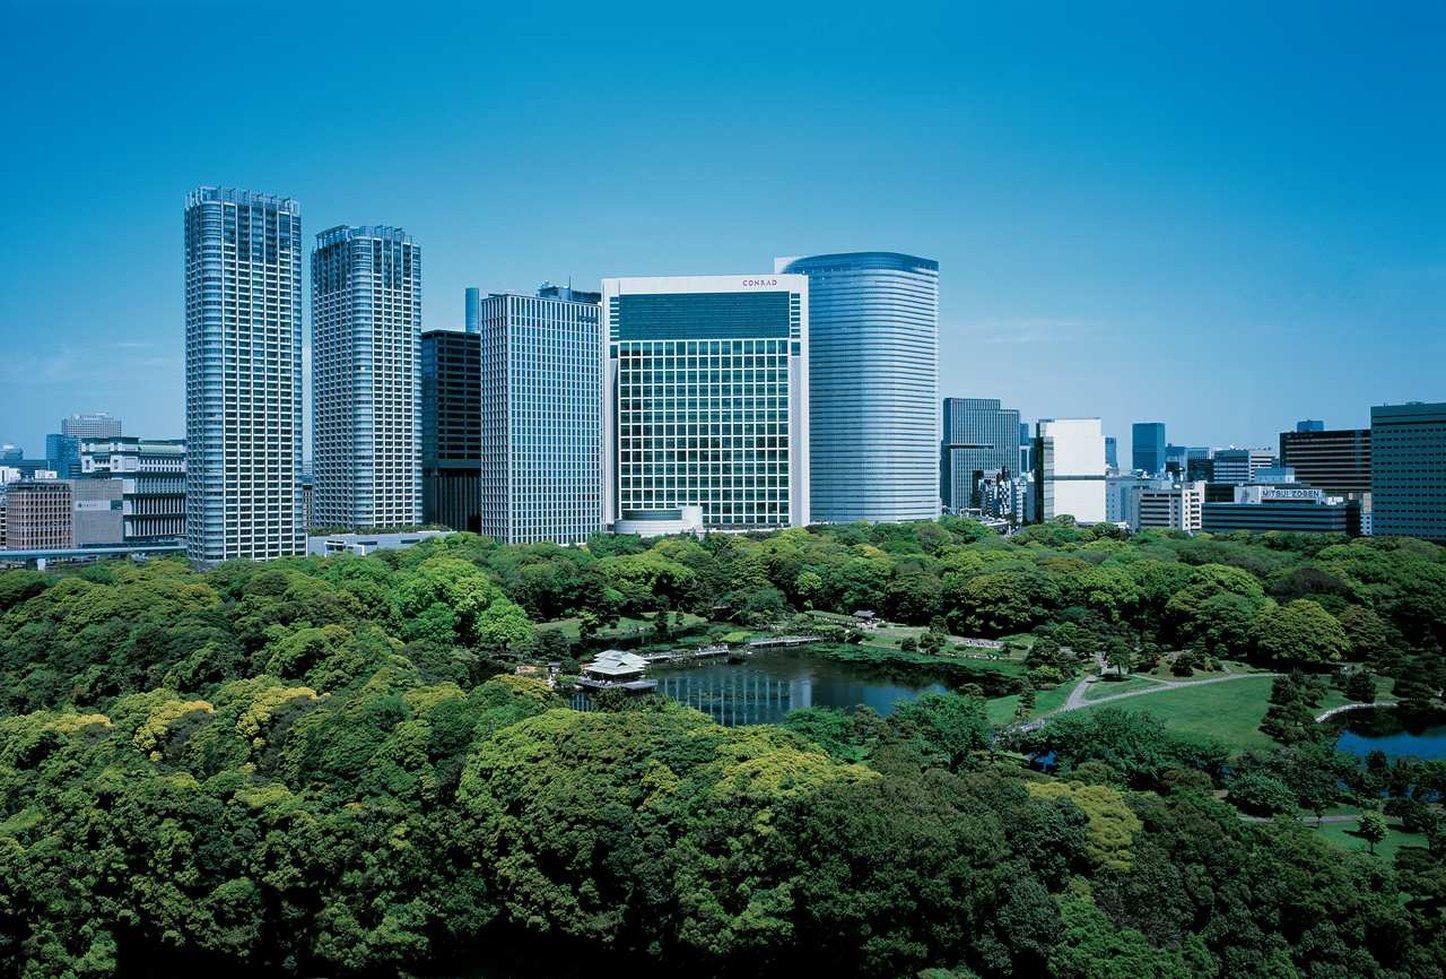 โรงแรมคอนราด โตเกียว